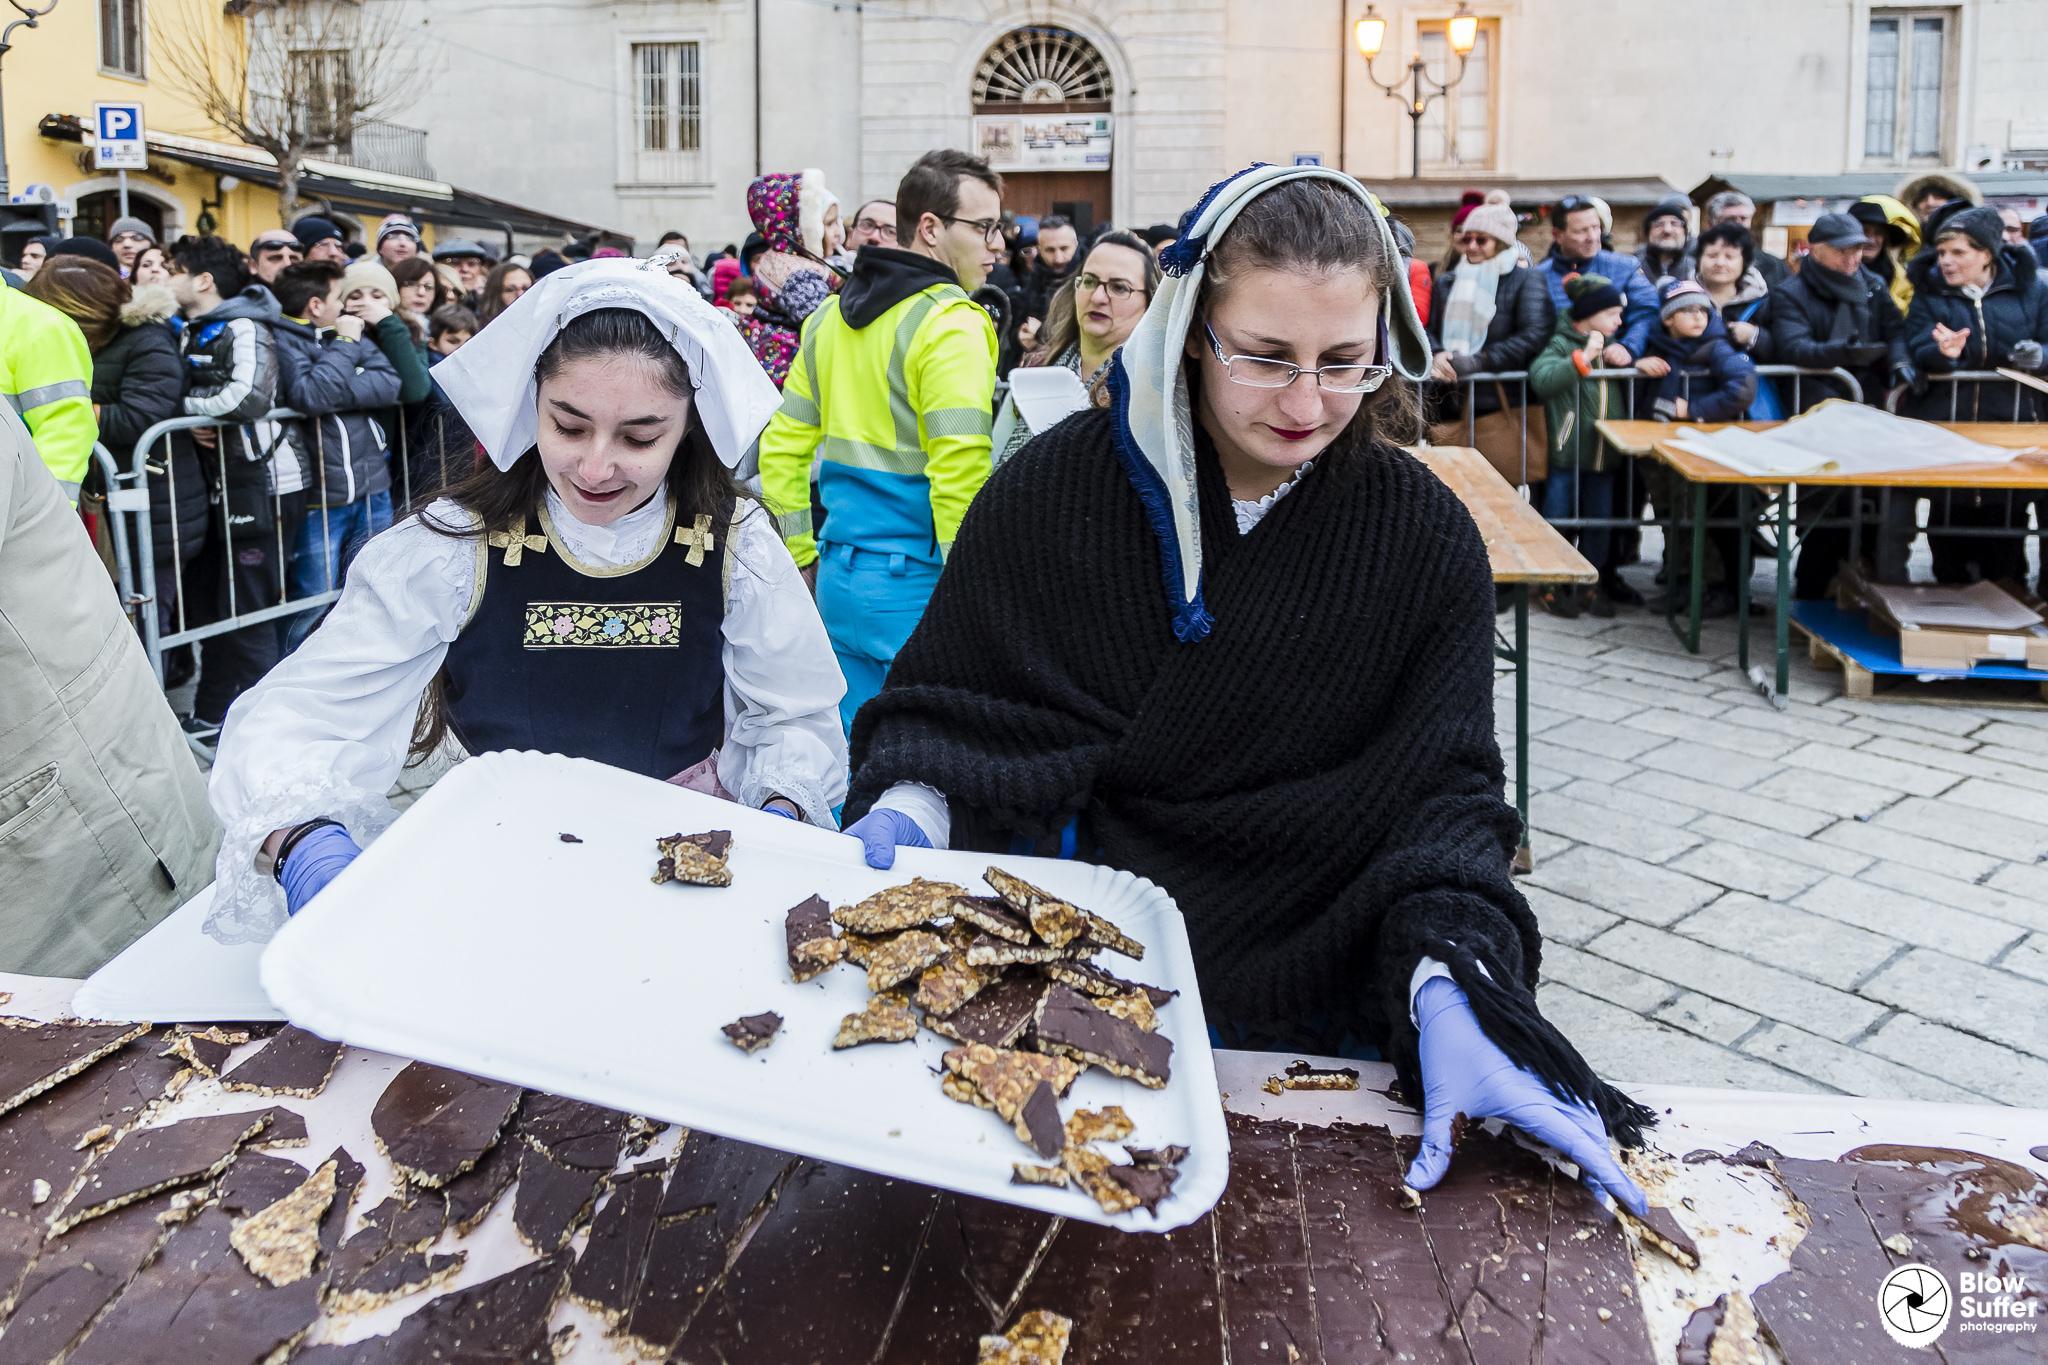 La Festa del Torrone di San Marco ha chiuso la XVII edizione con la promessa della Scuola di Pasticceria